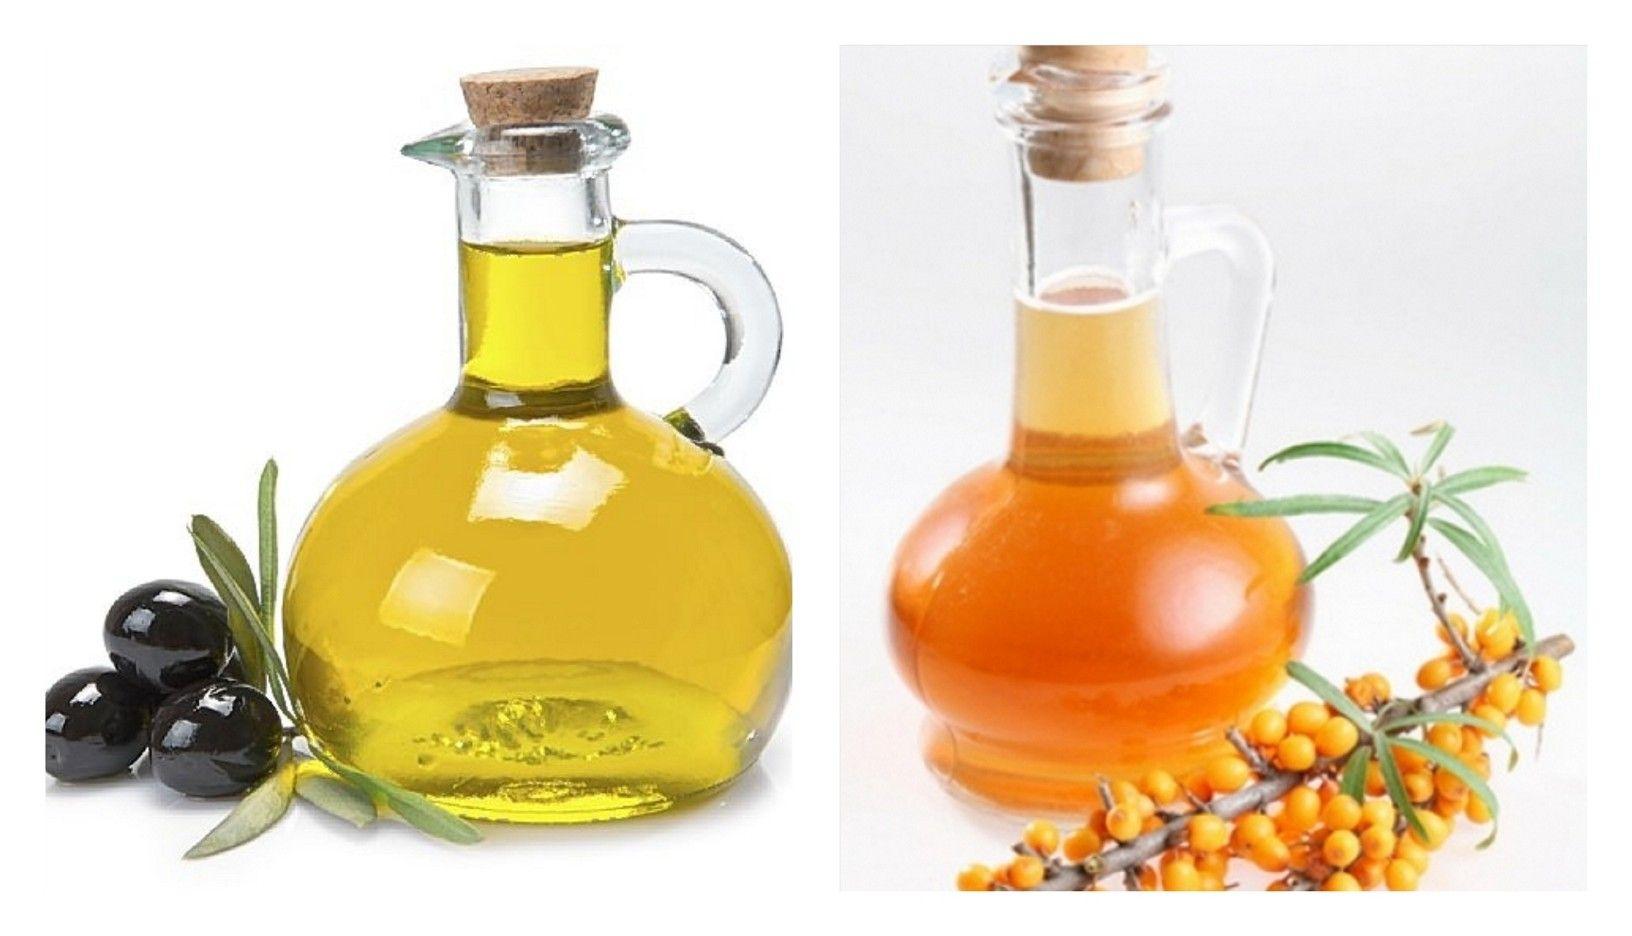 облепиховое и оливковое масло